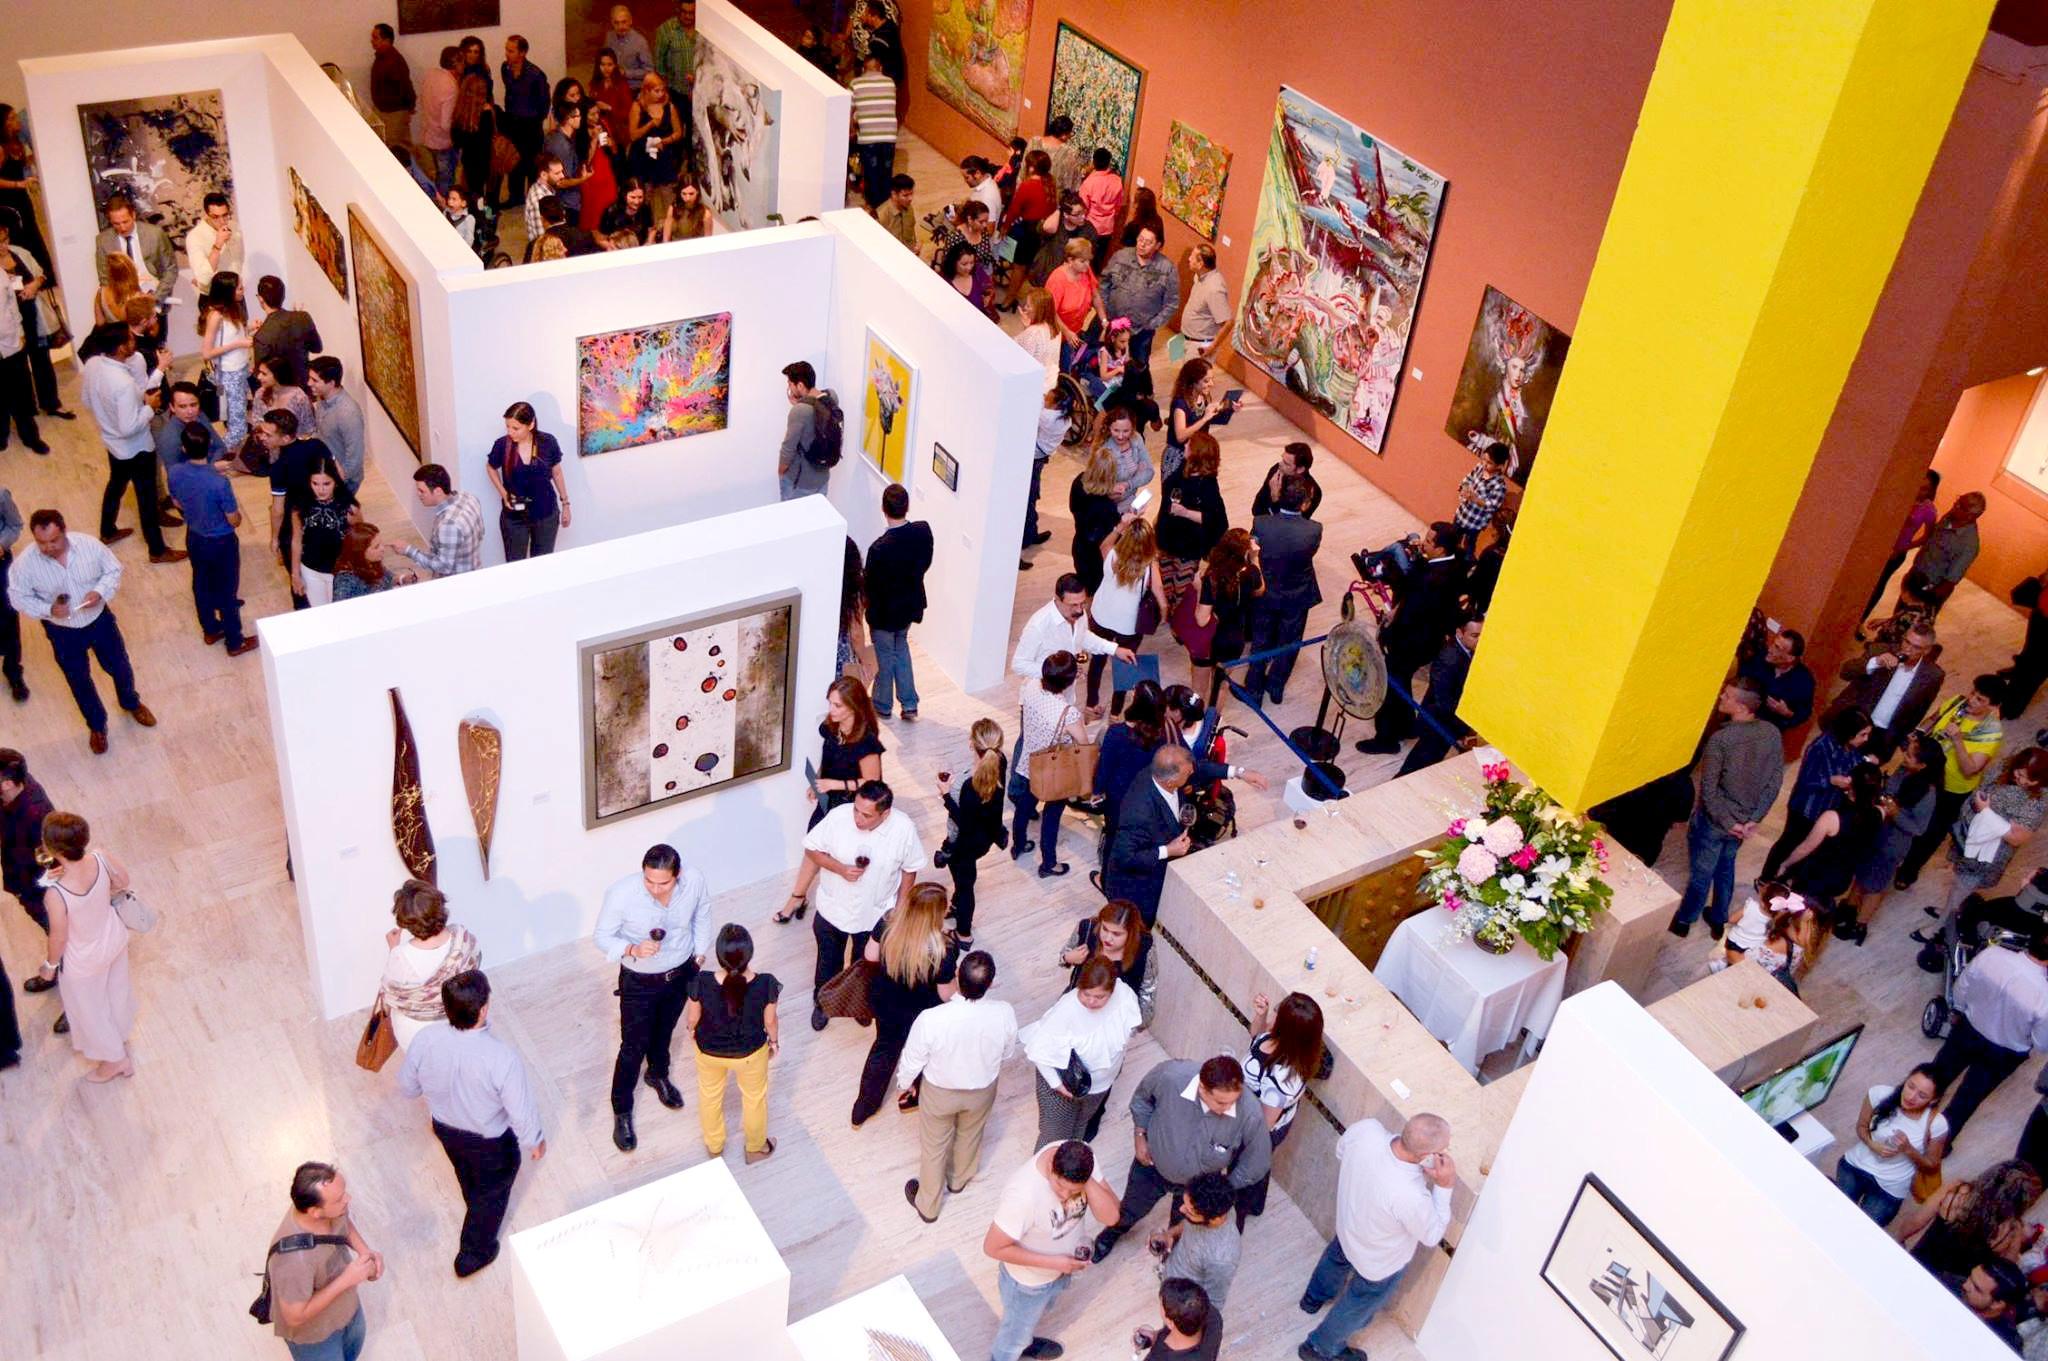 Art exhibit at MARCO